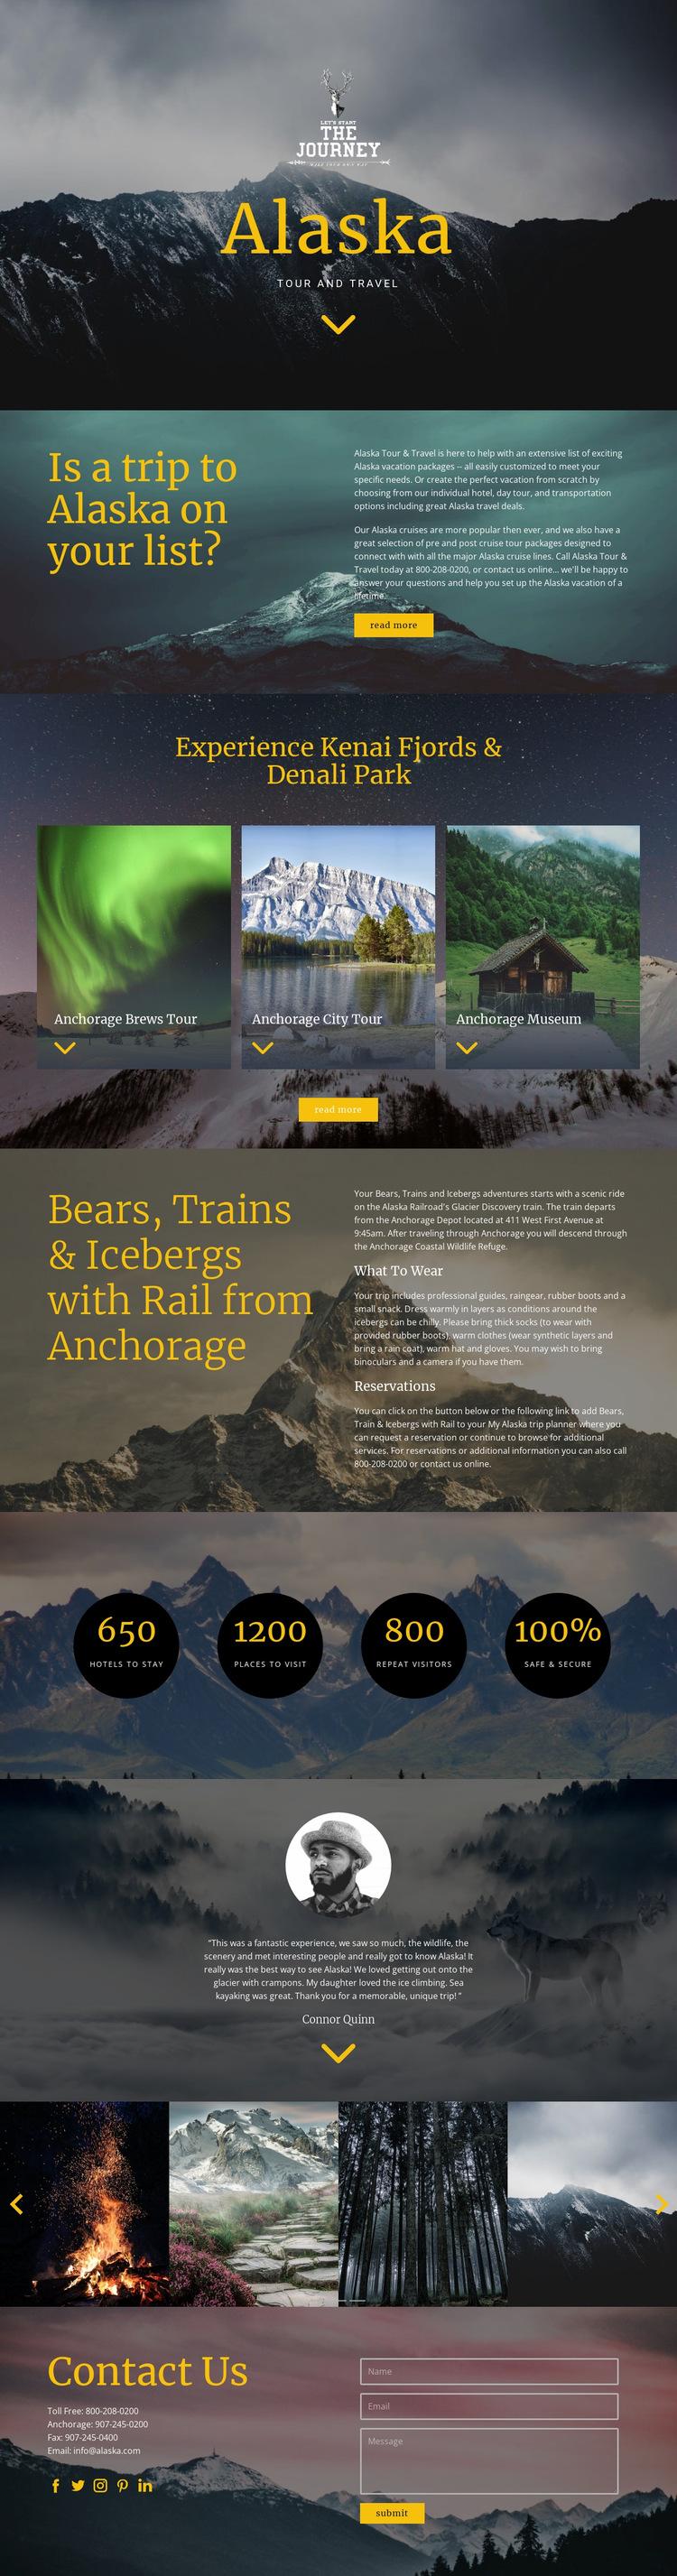 Alaska Travel Website Builder